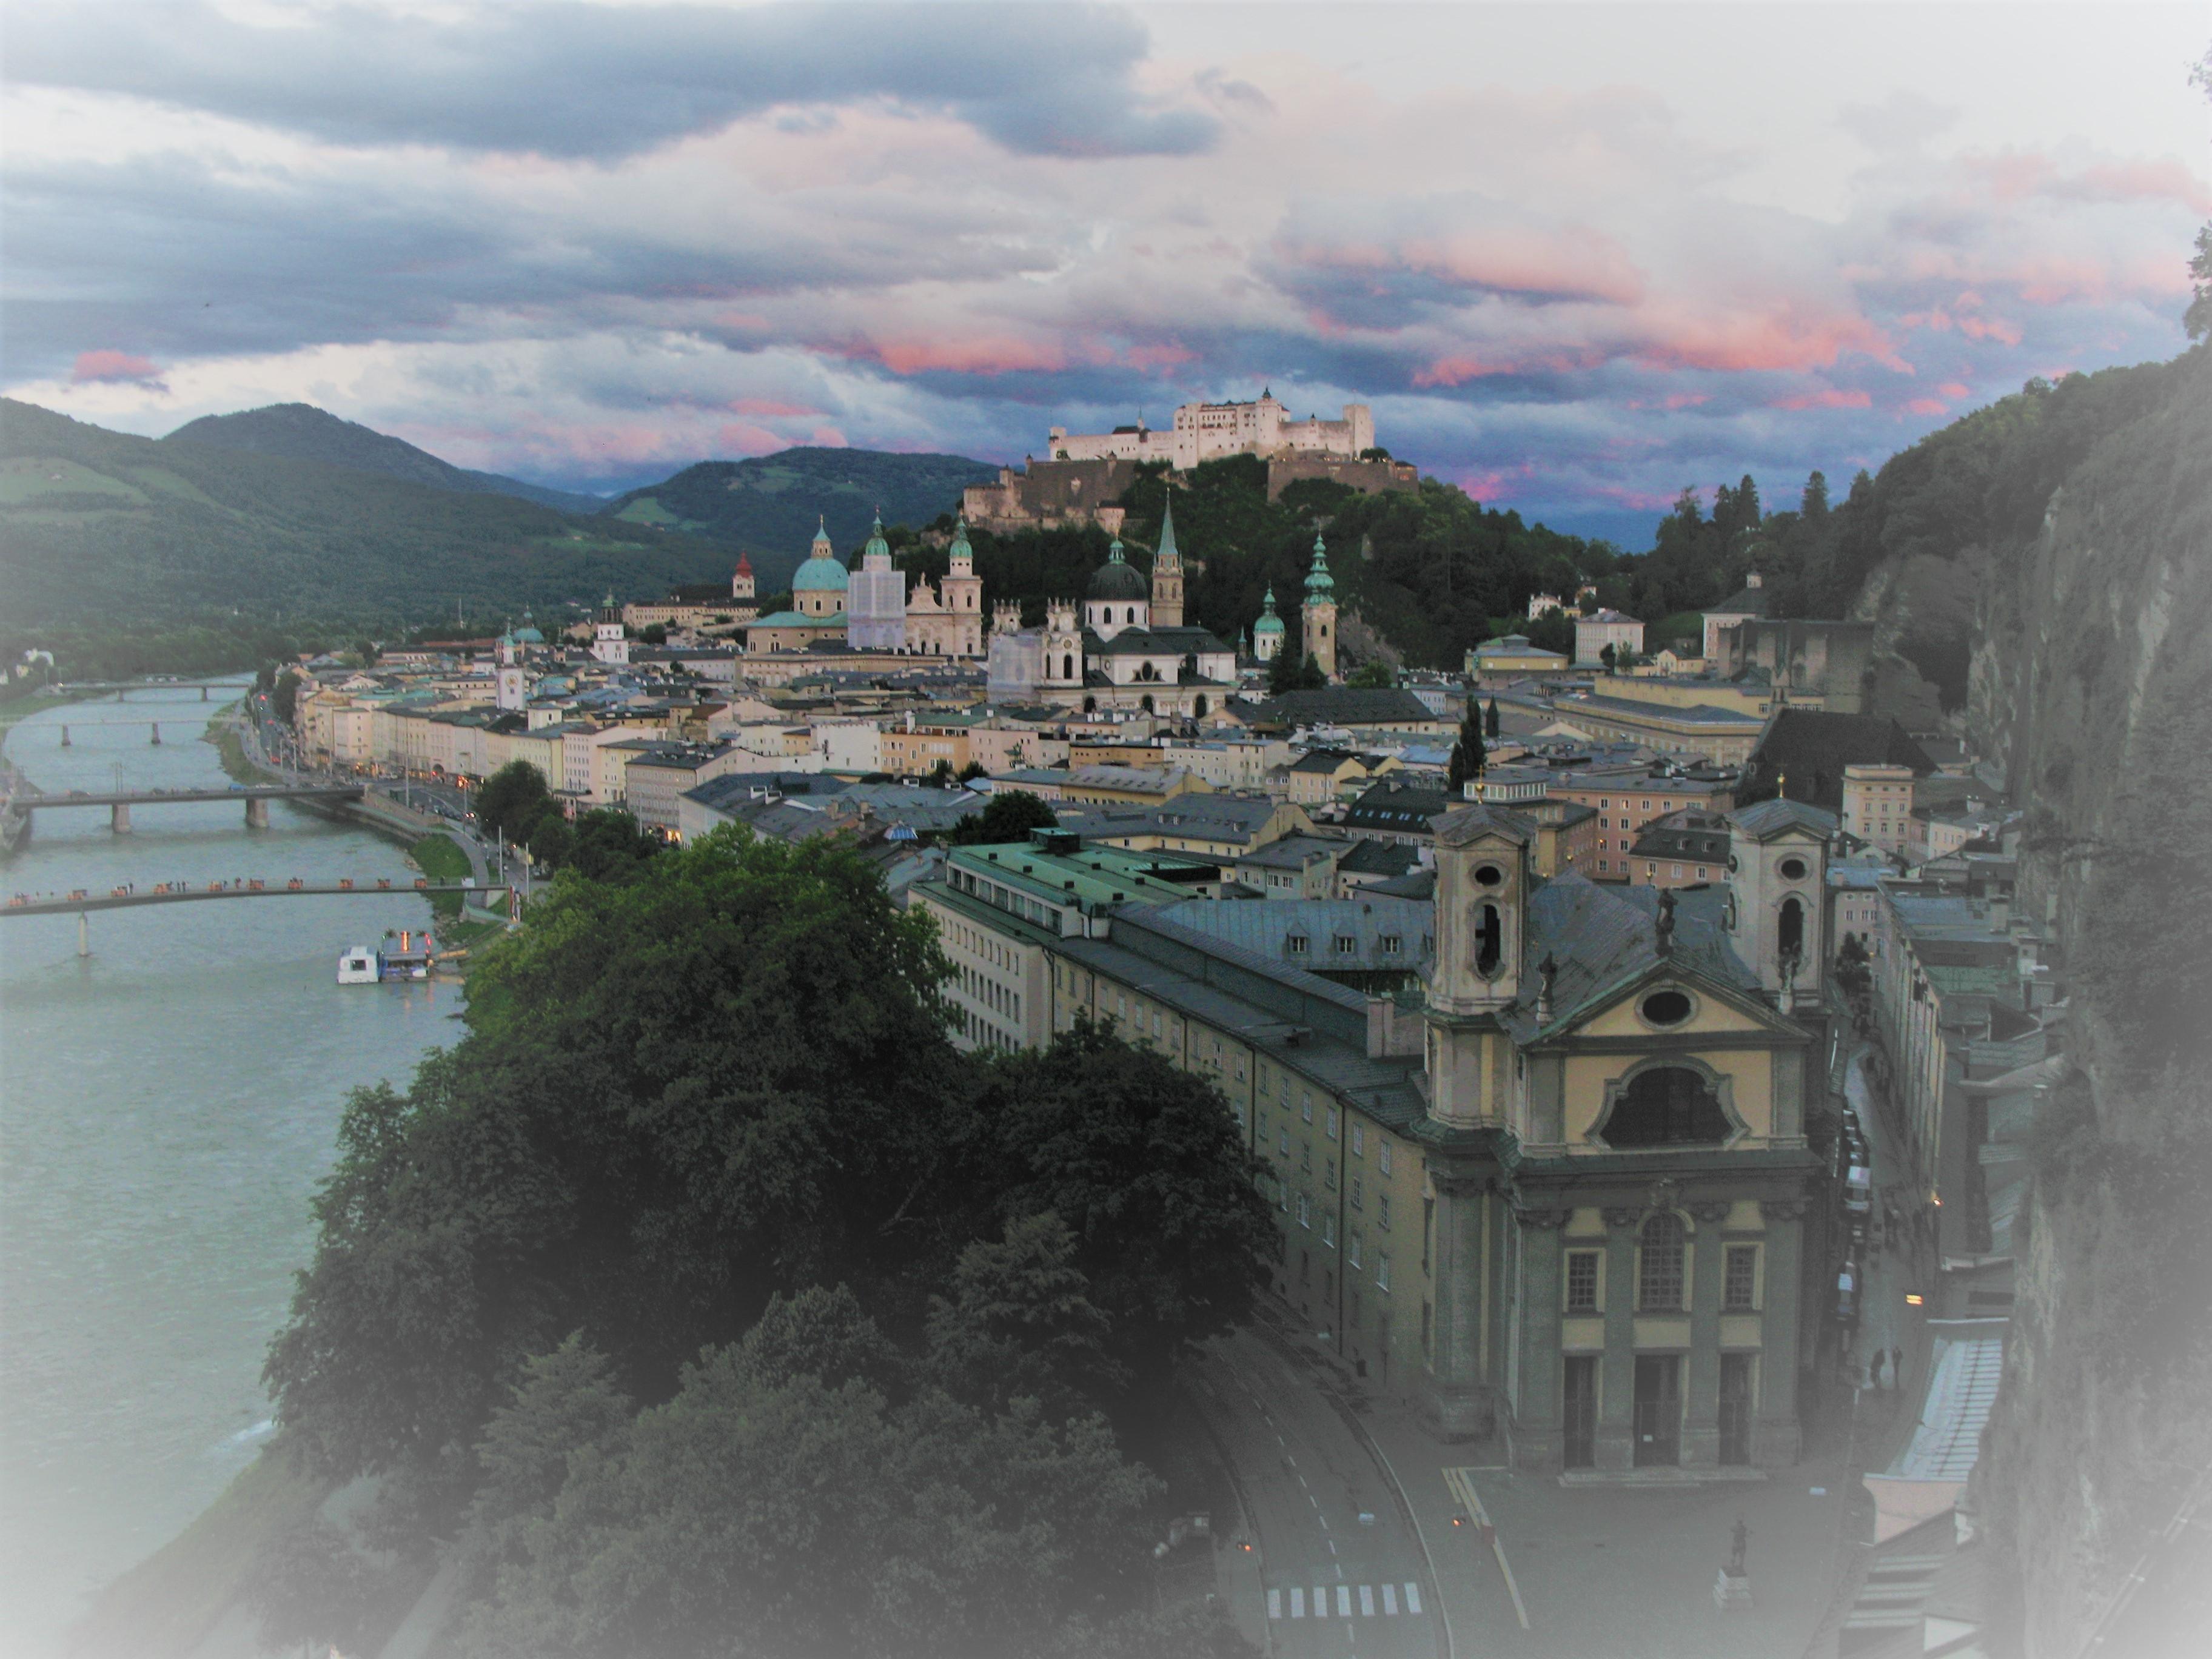 النمسا سالزبورغ اهم الاماكن السياحية جبل مونشسبيرغ